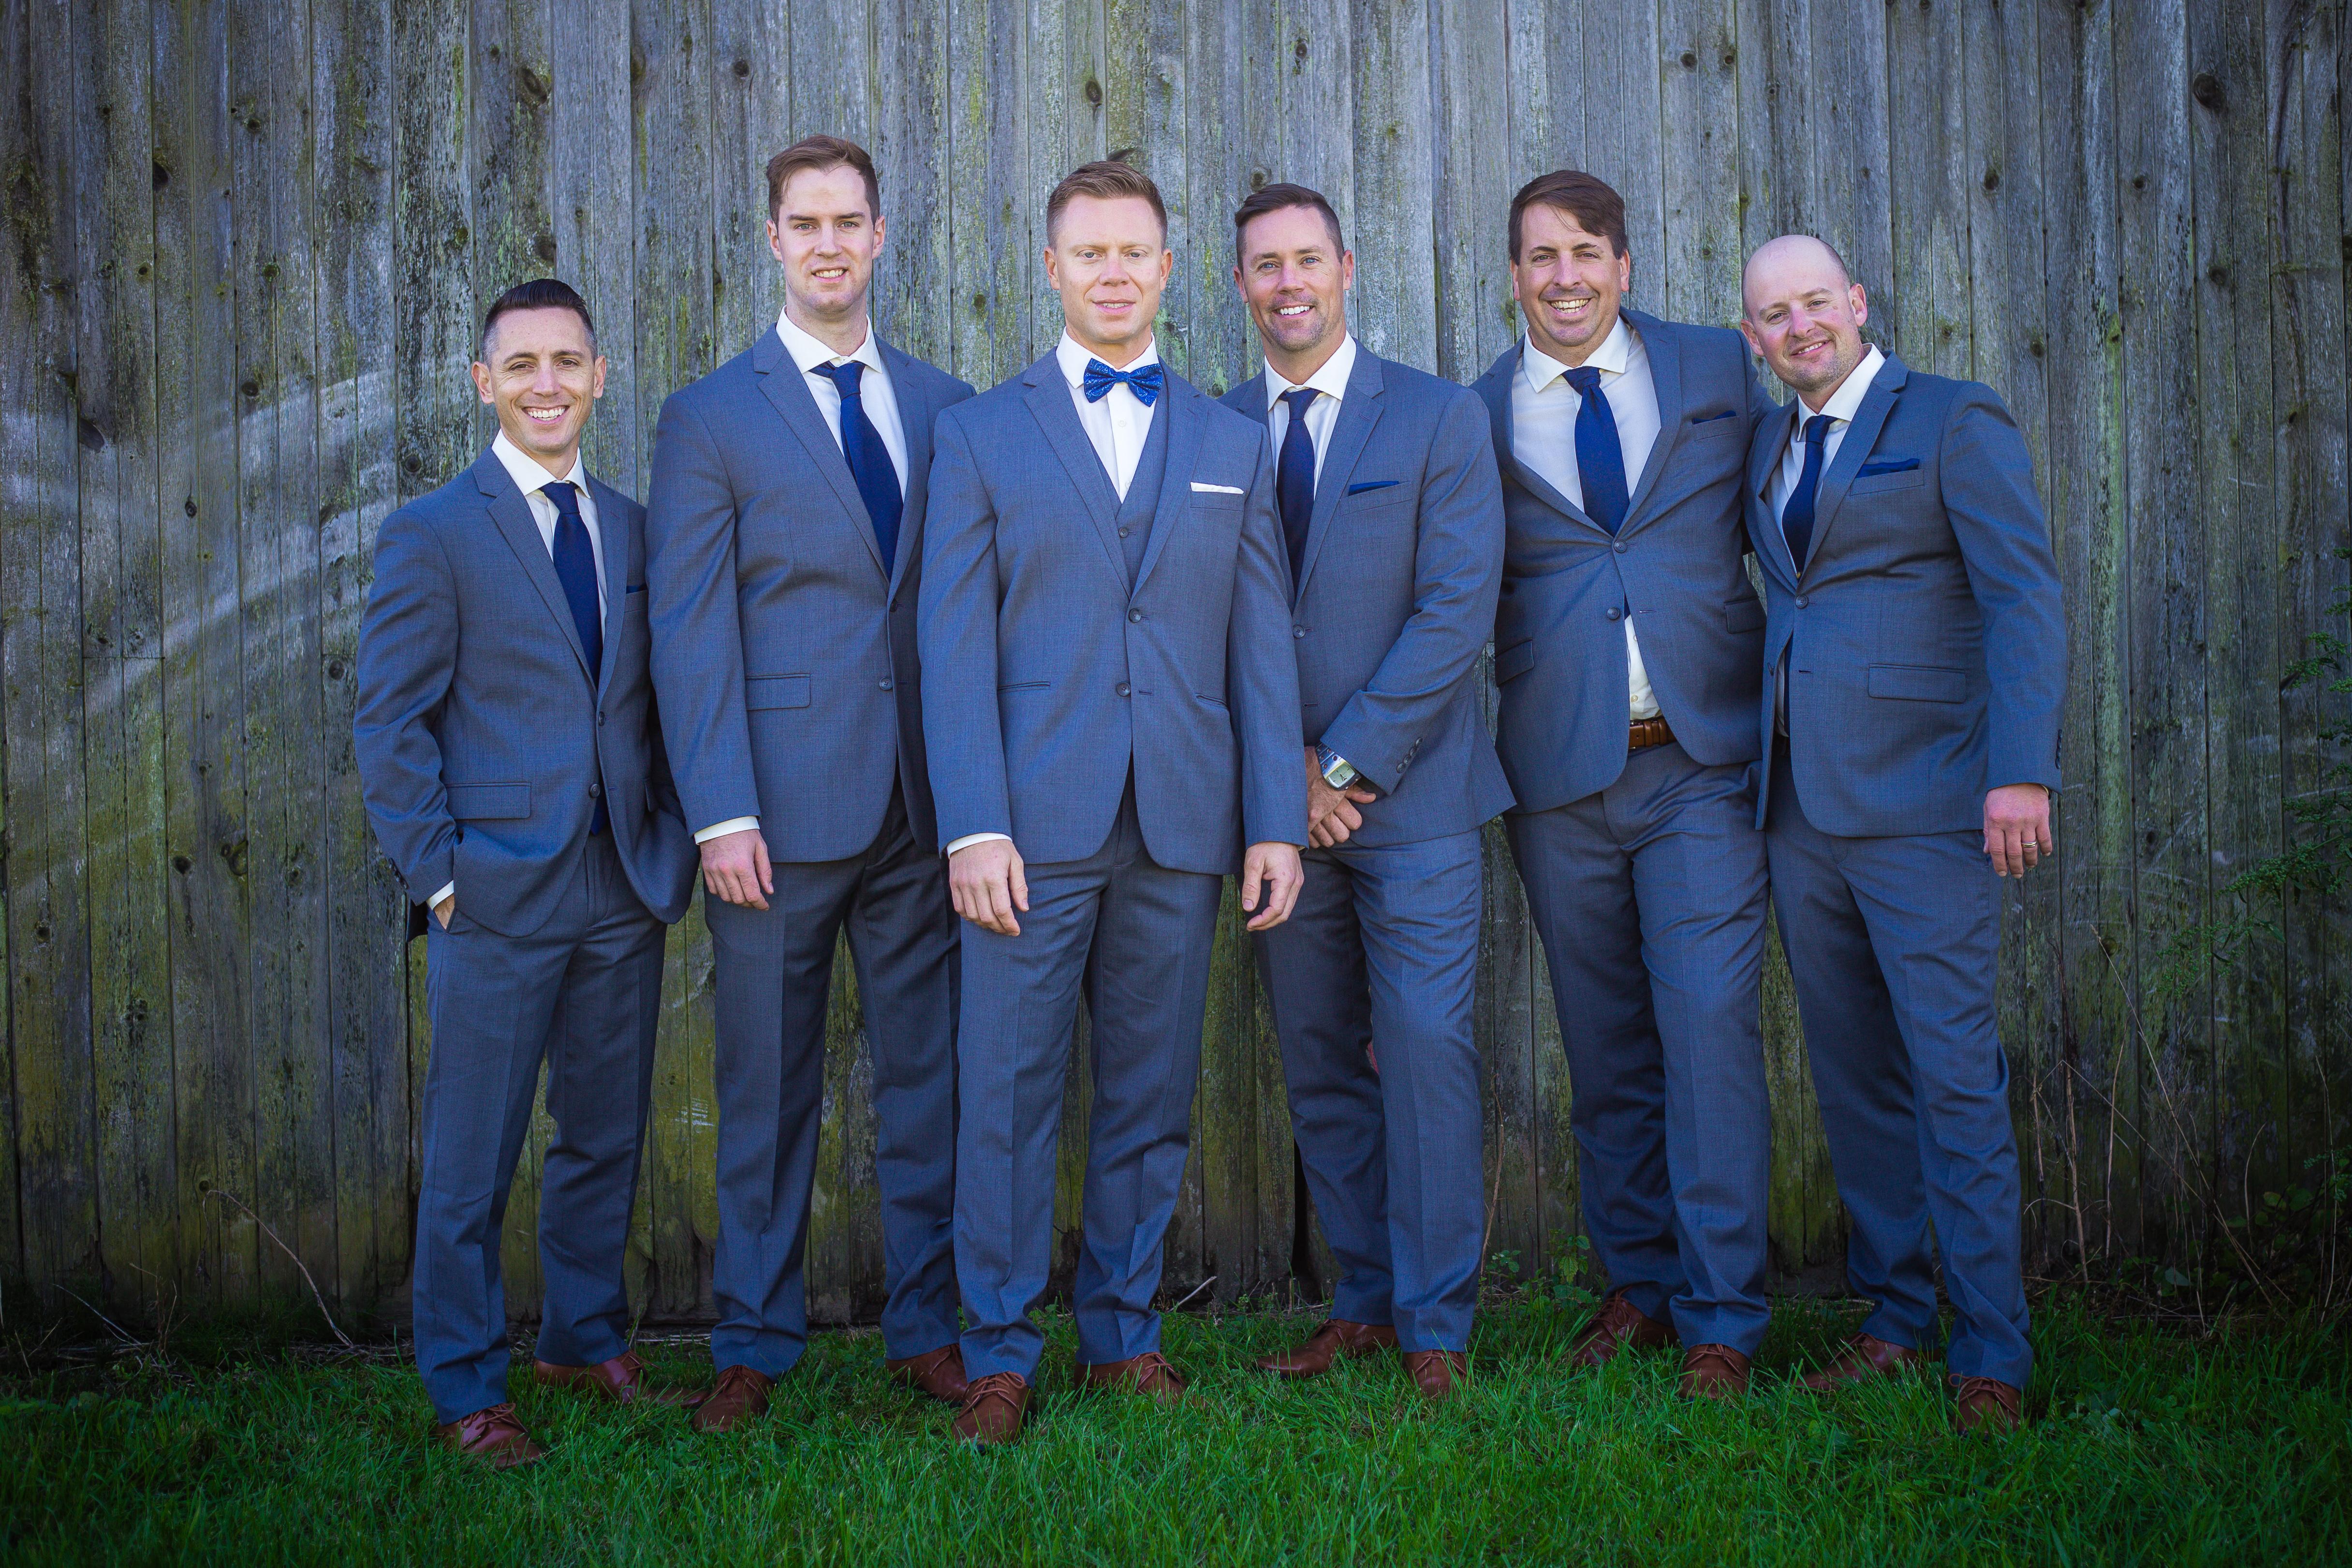 groomsmen dressed in navy blue suits